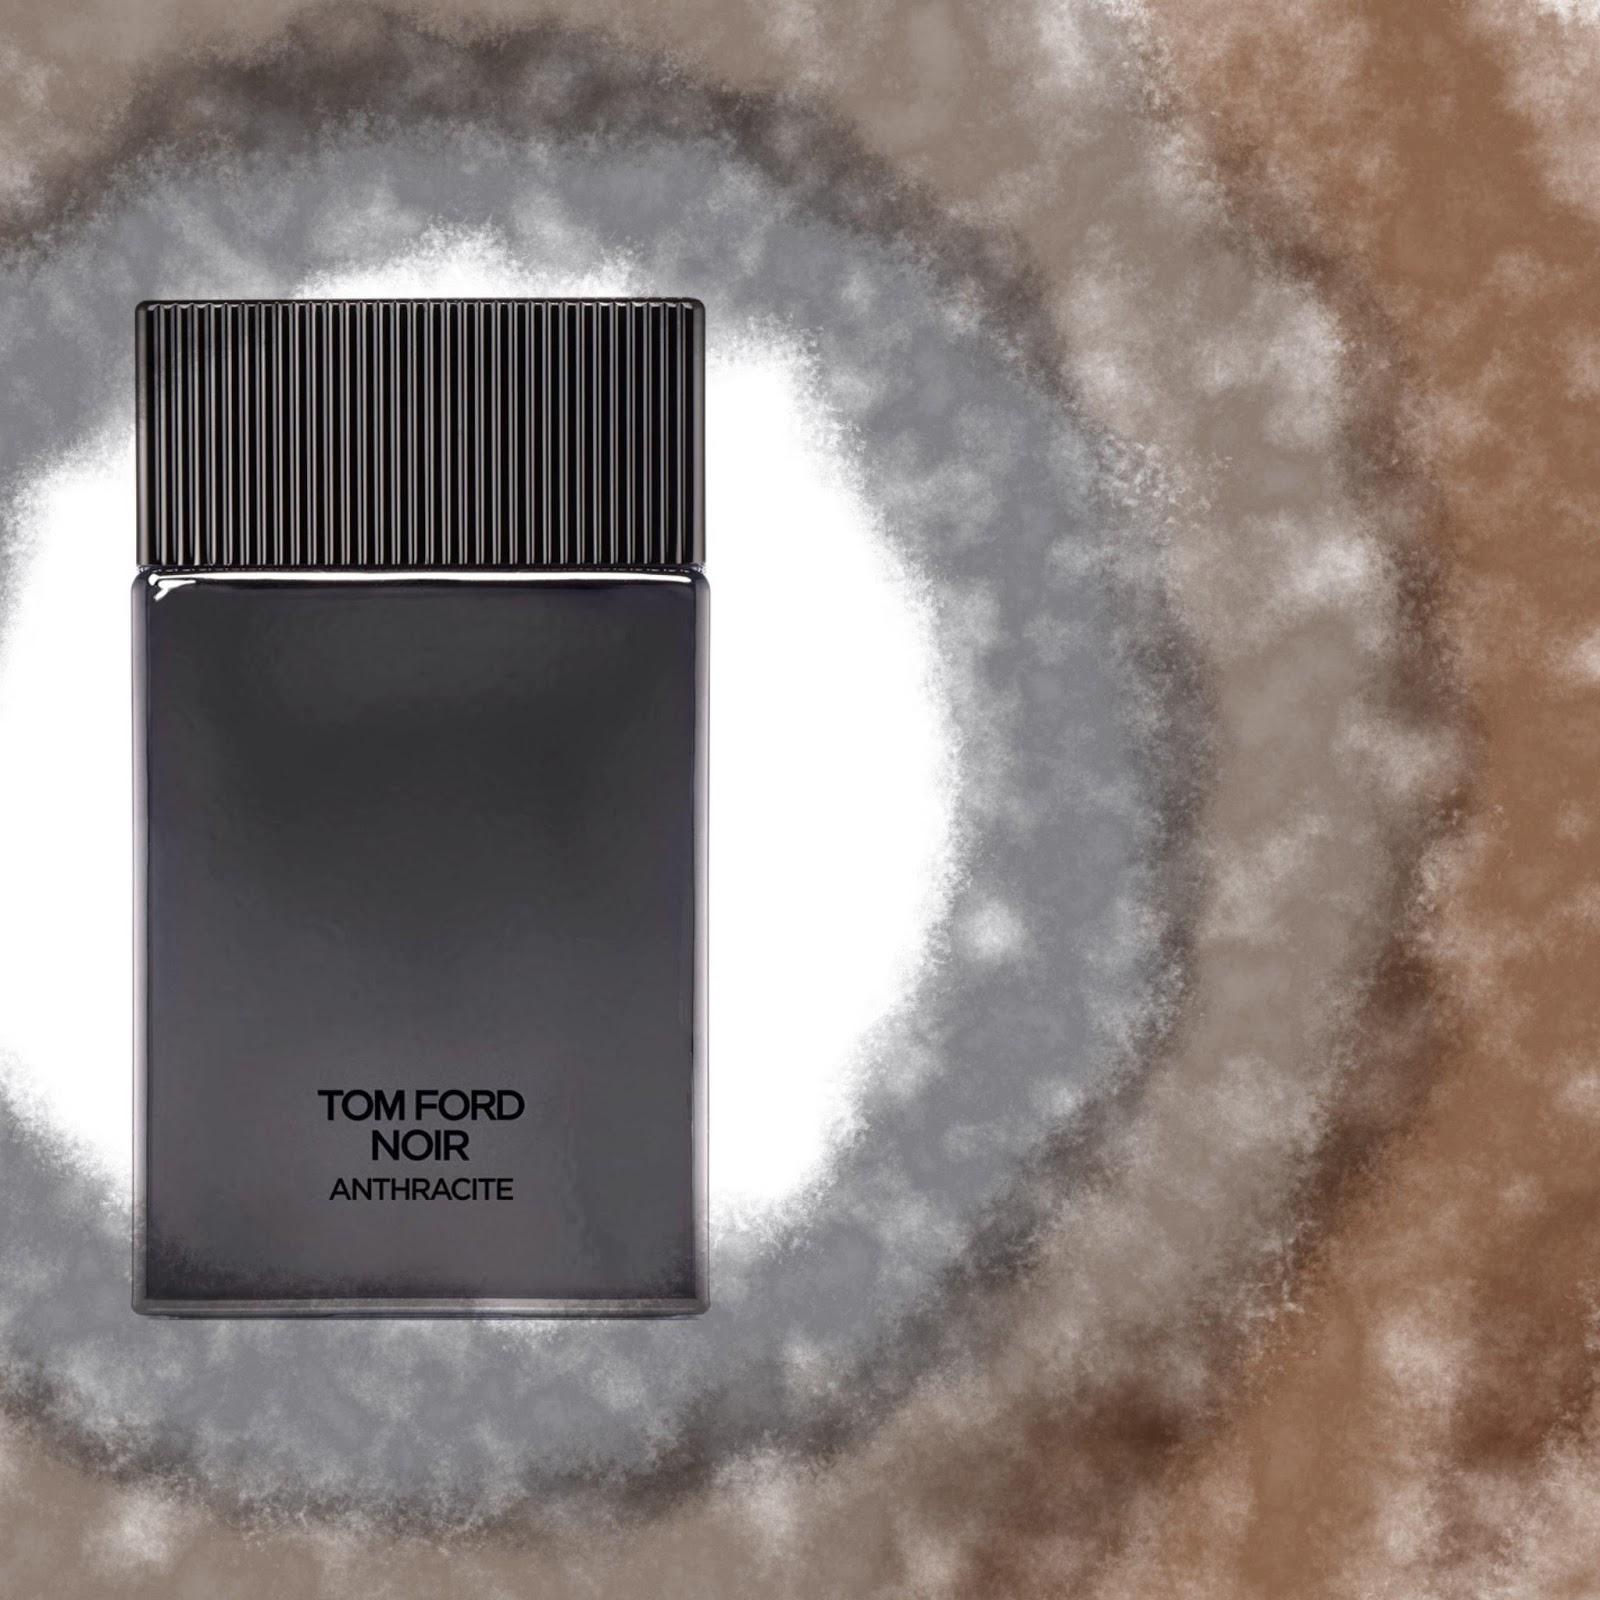 femme main buytom online parfum johnlewis noir at rsp john tom ford com eau lewis de pour pdp